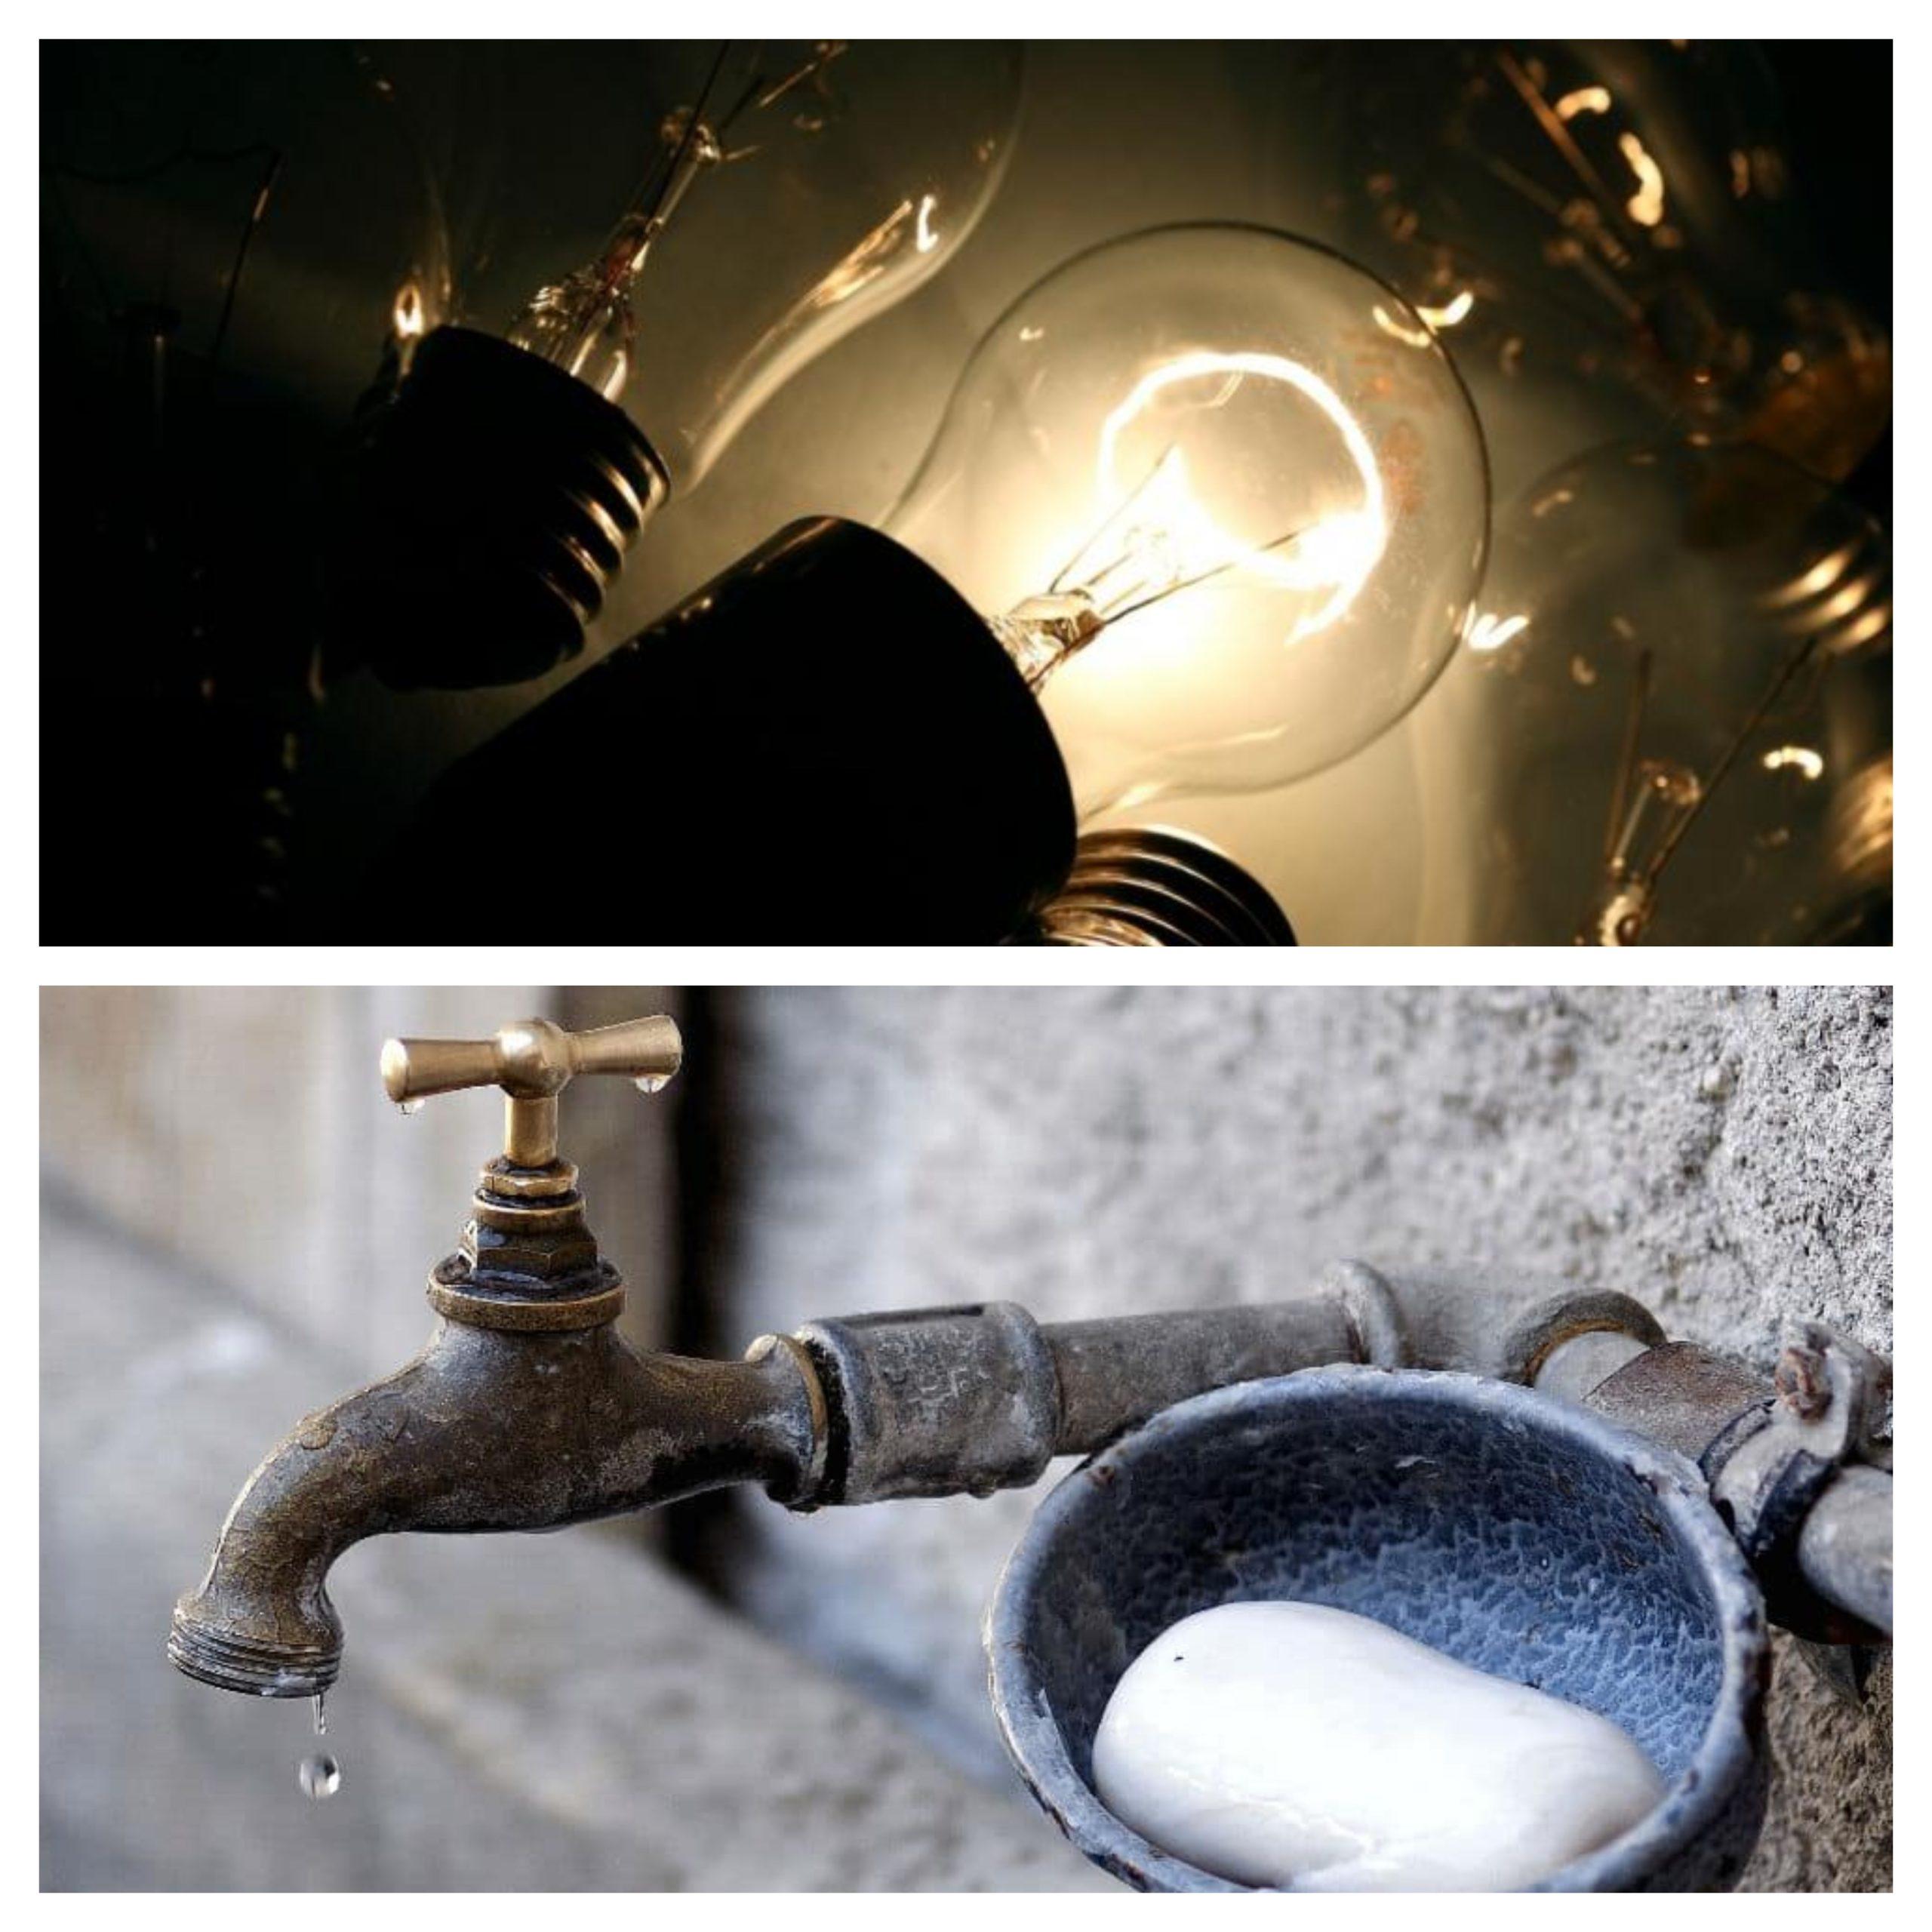 Programación de cortes de luz y agua para este viernes 24 de enero en Soacha